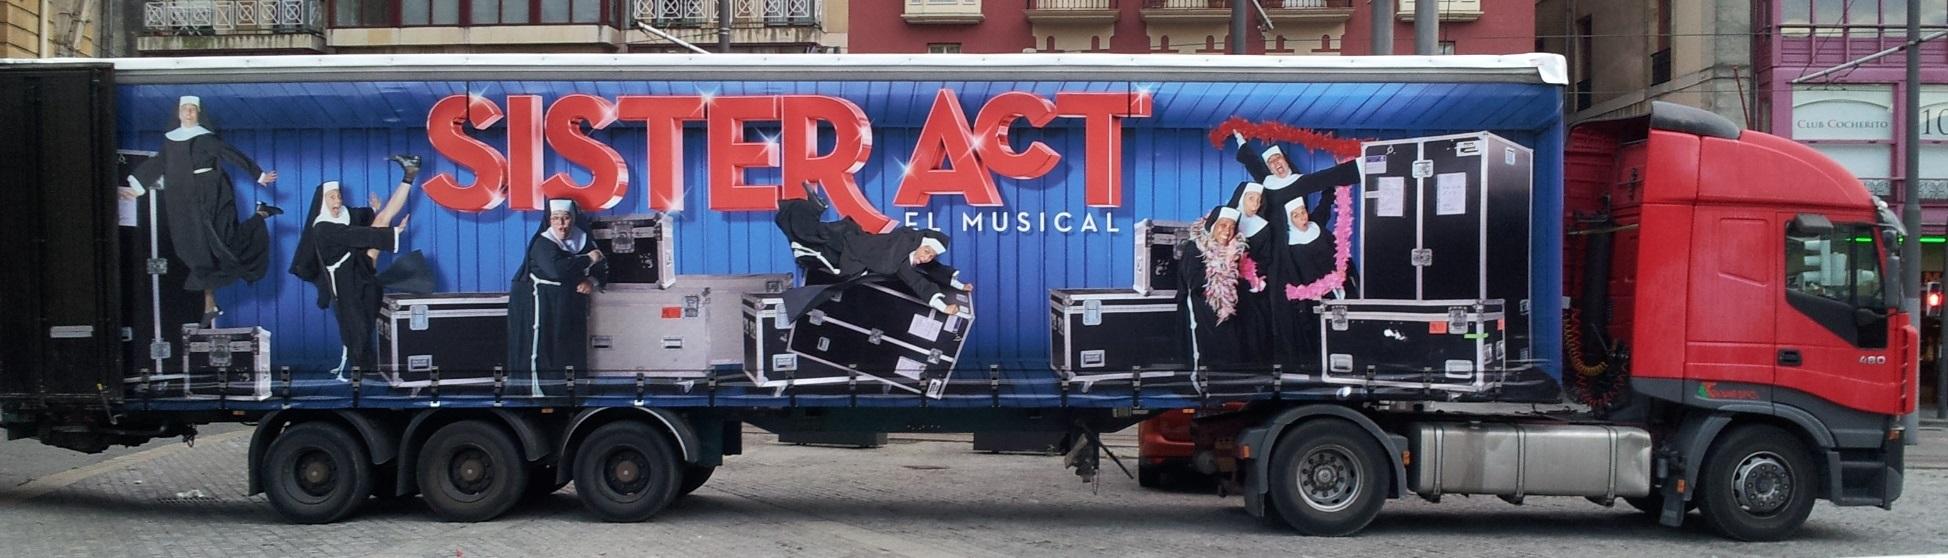 muzikal-kamyonu-1